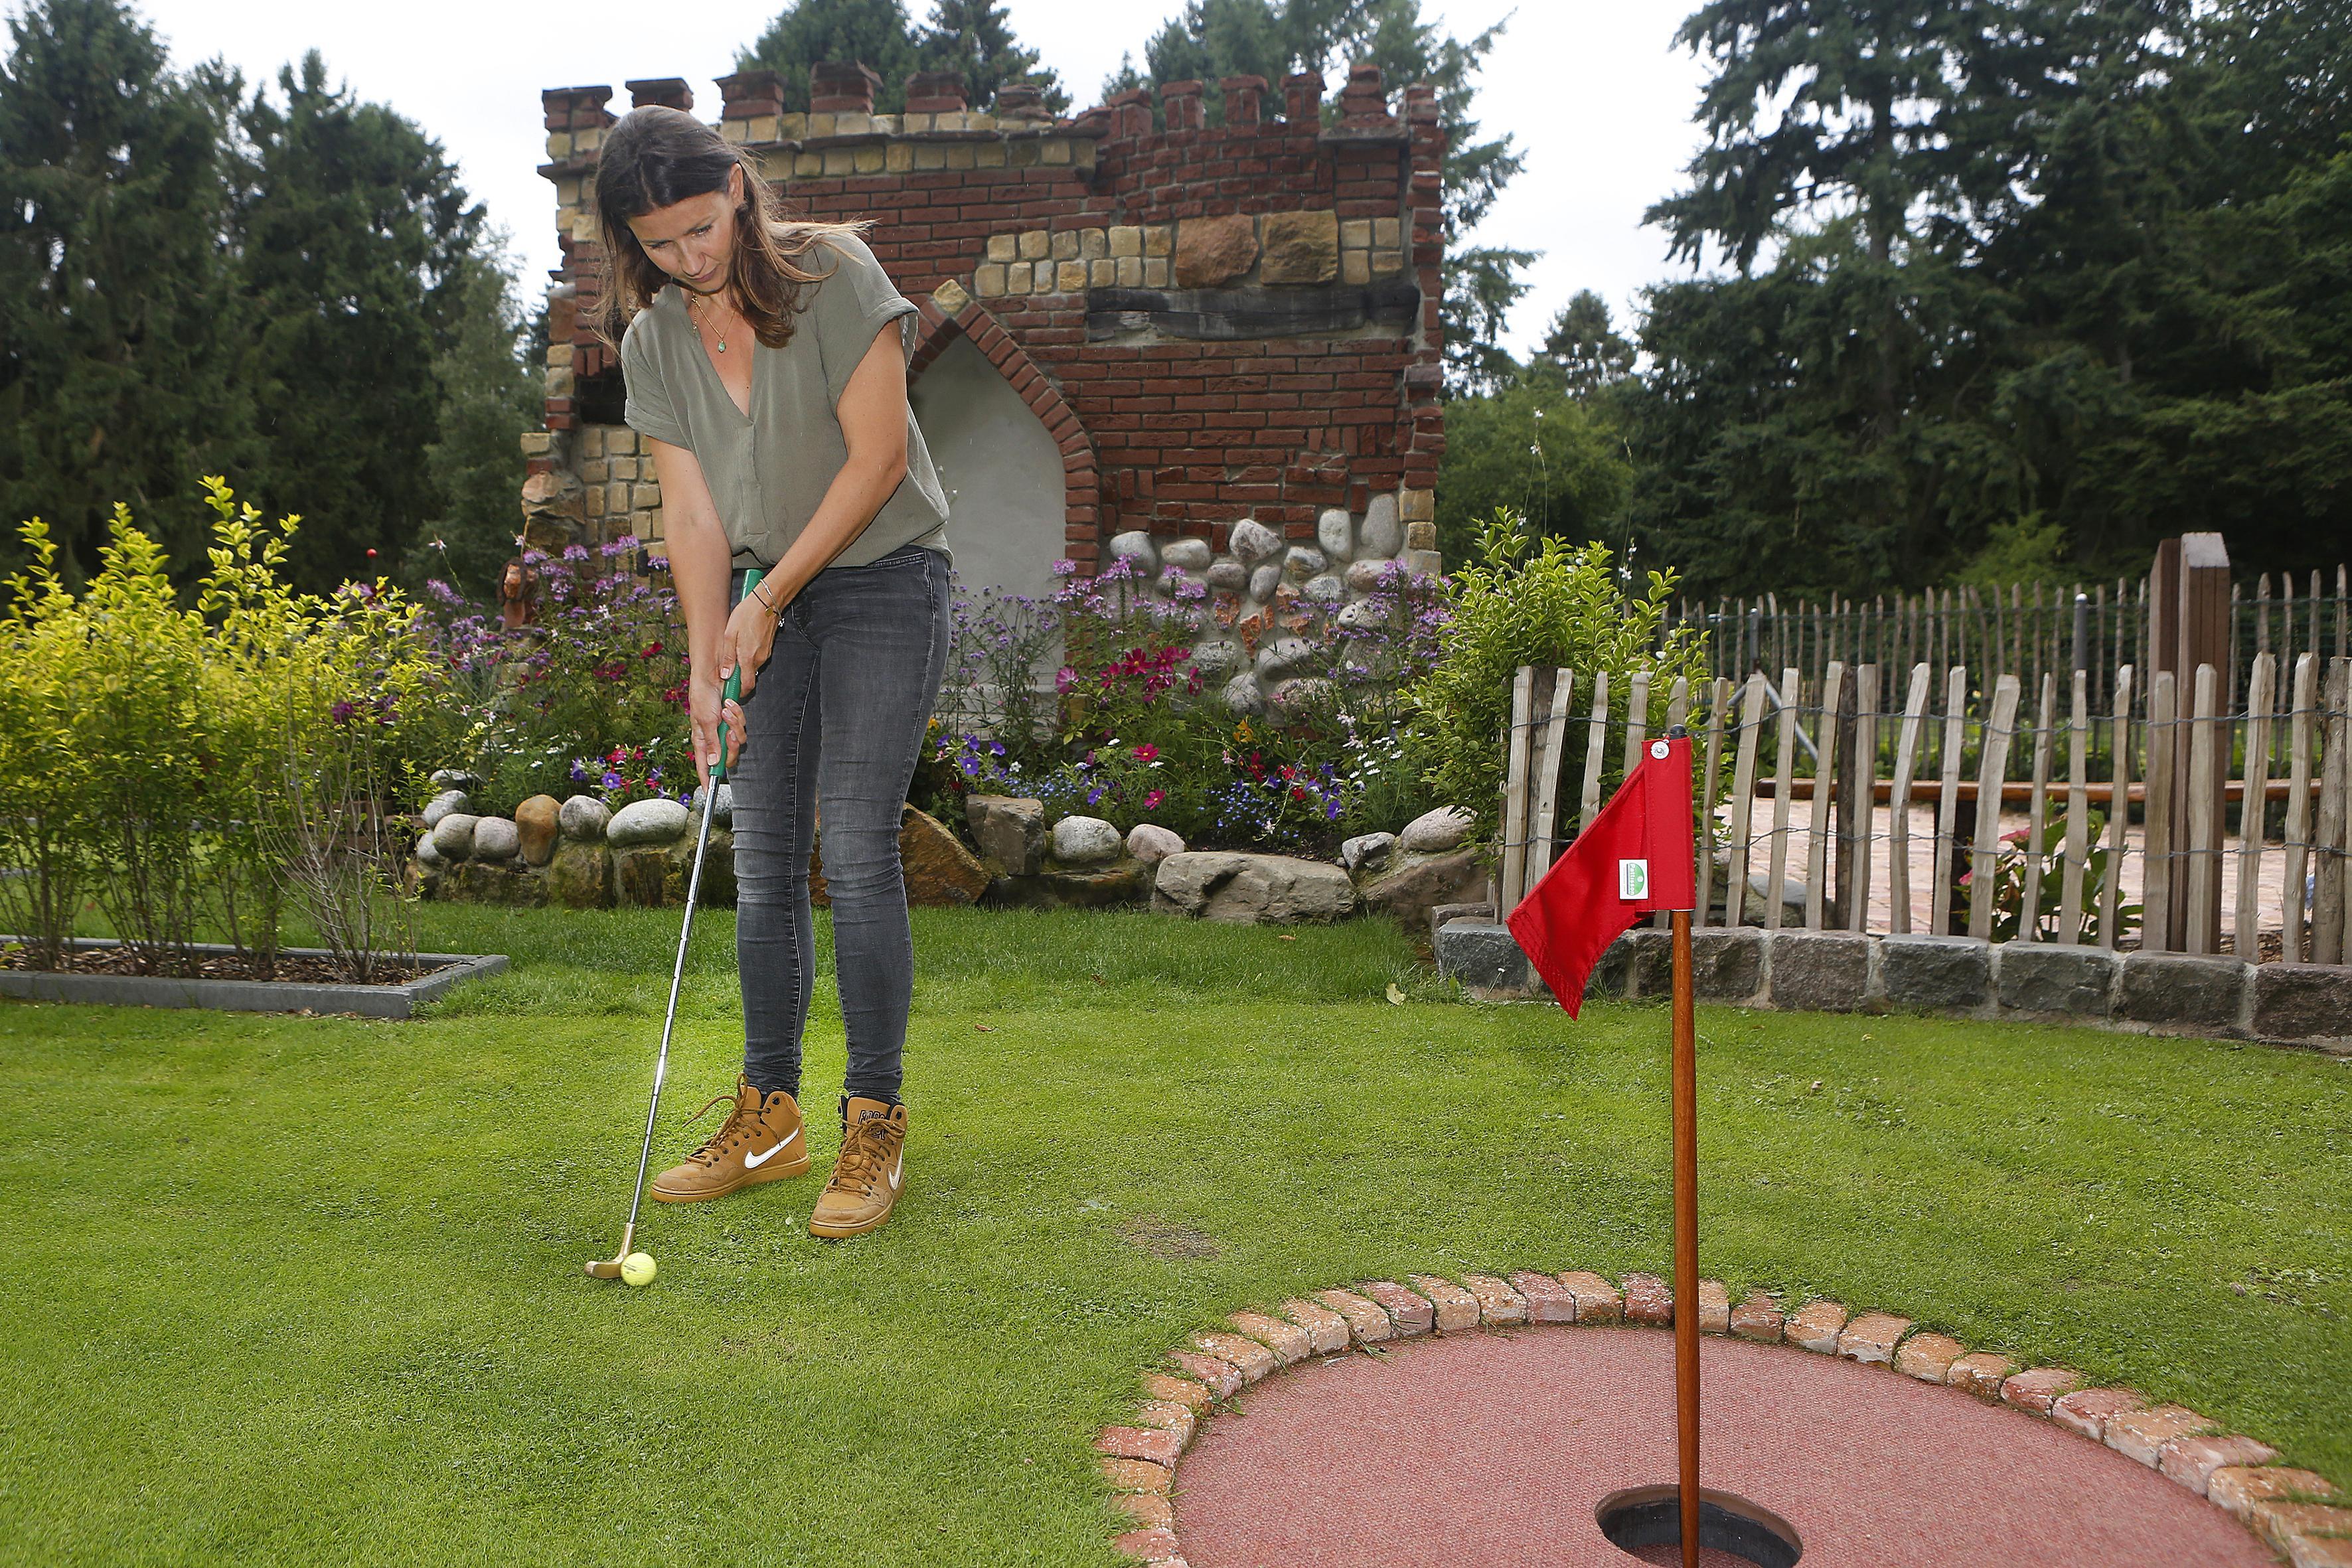 Golfbanen mogen weer open, maar hoe zit het dan eigenlijk met de midgetgolfbaan in Lage Vuursche?